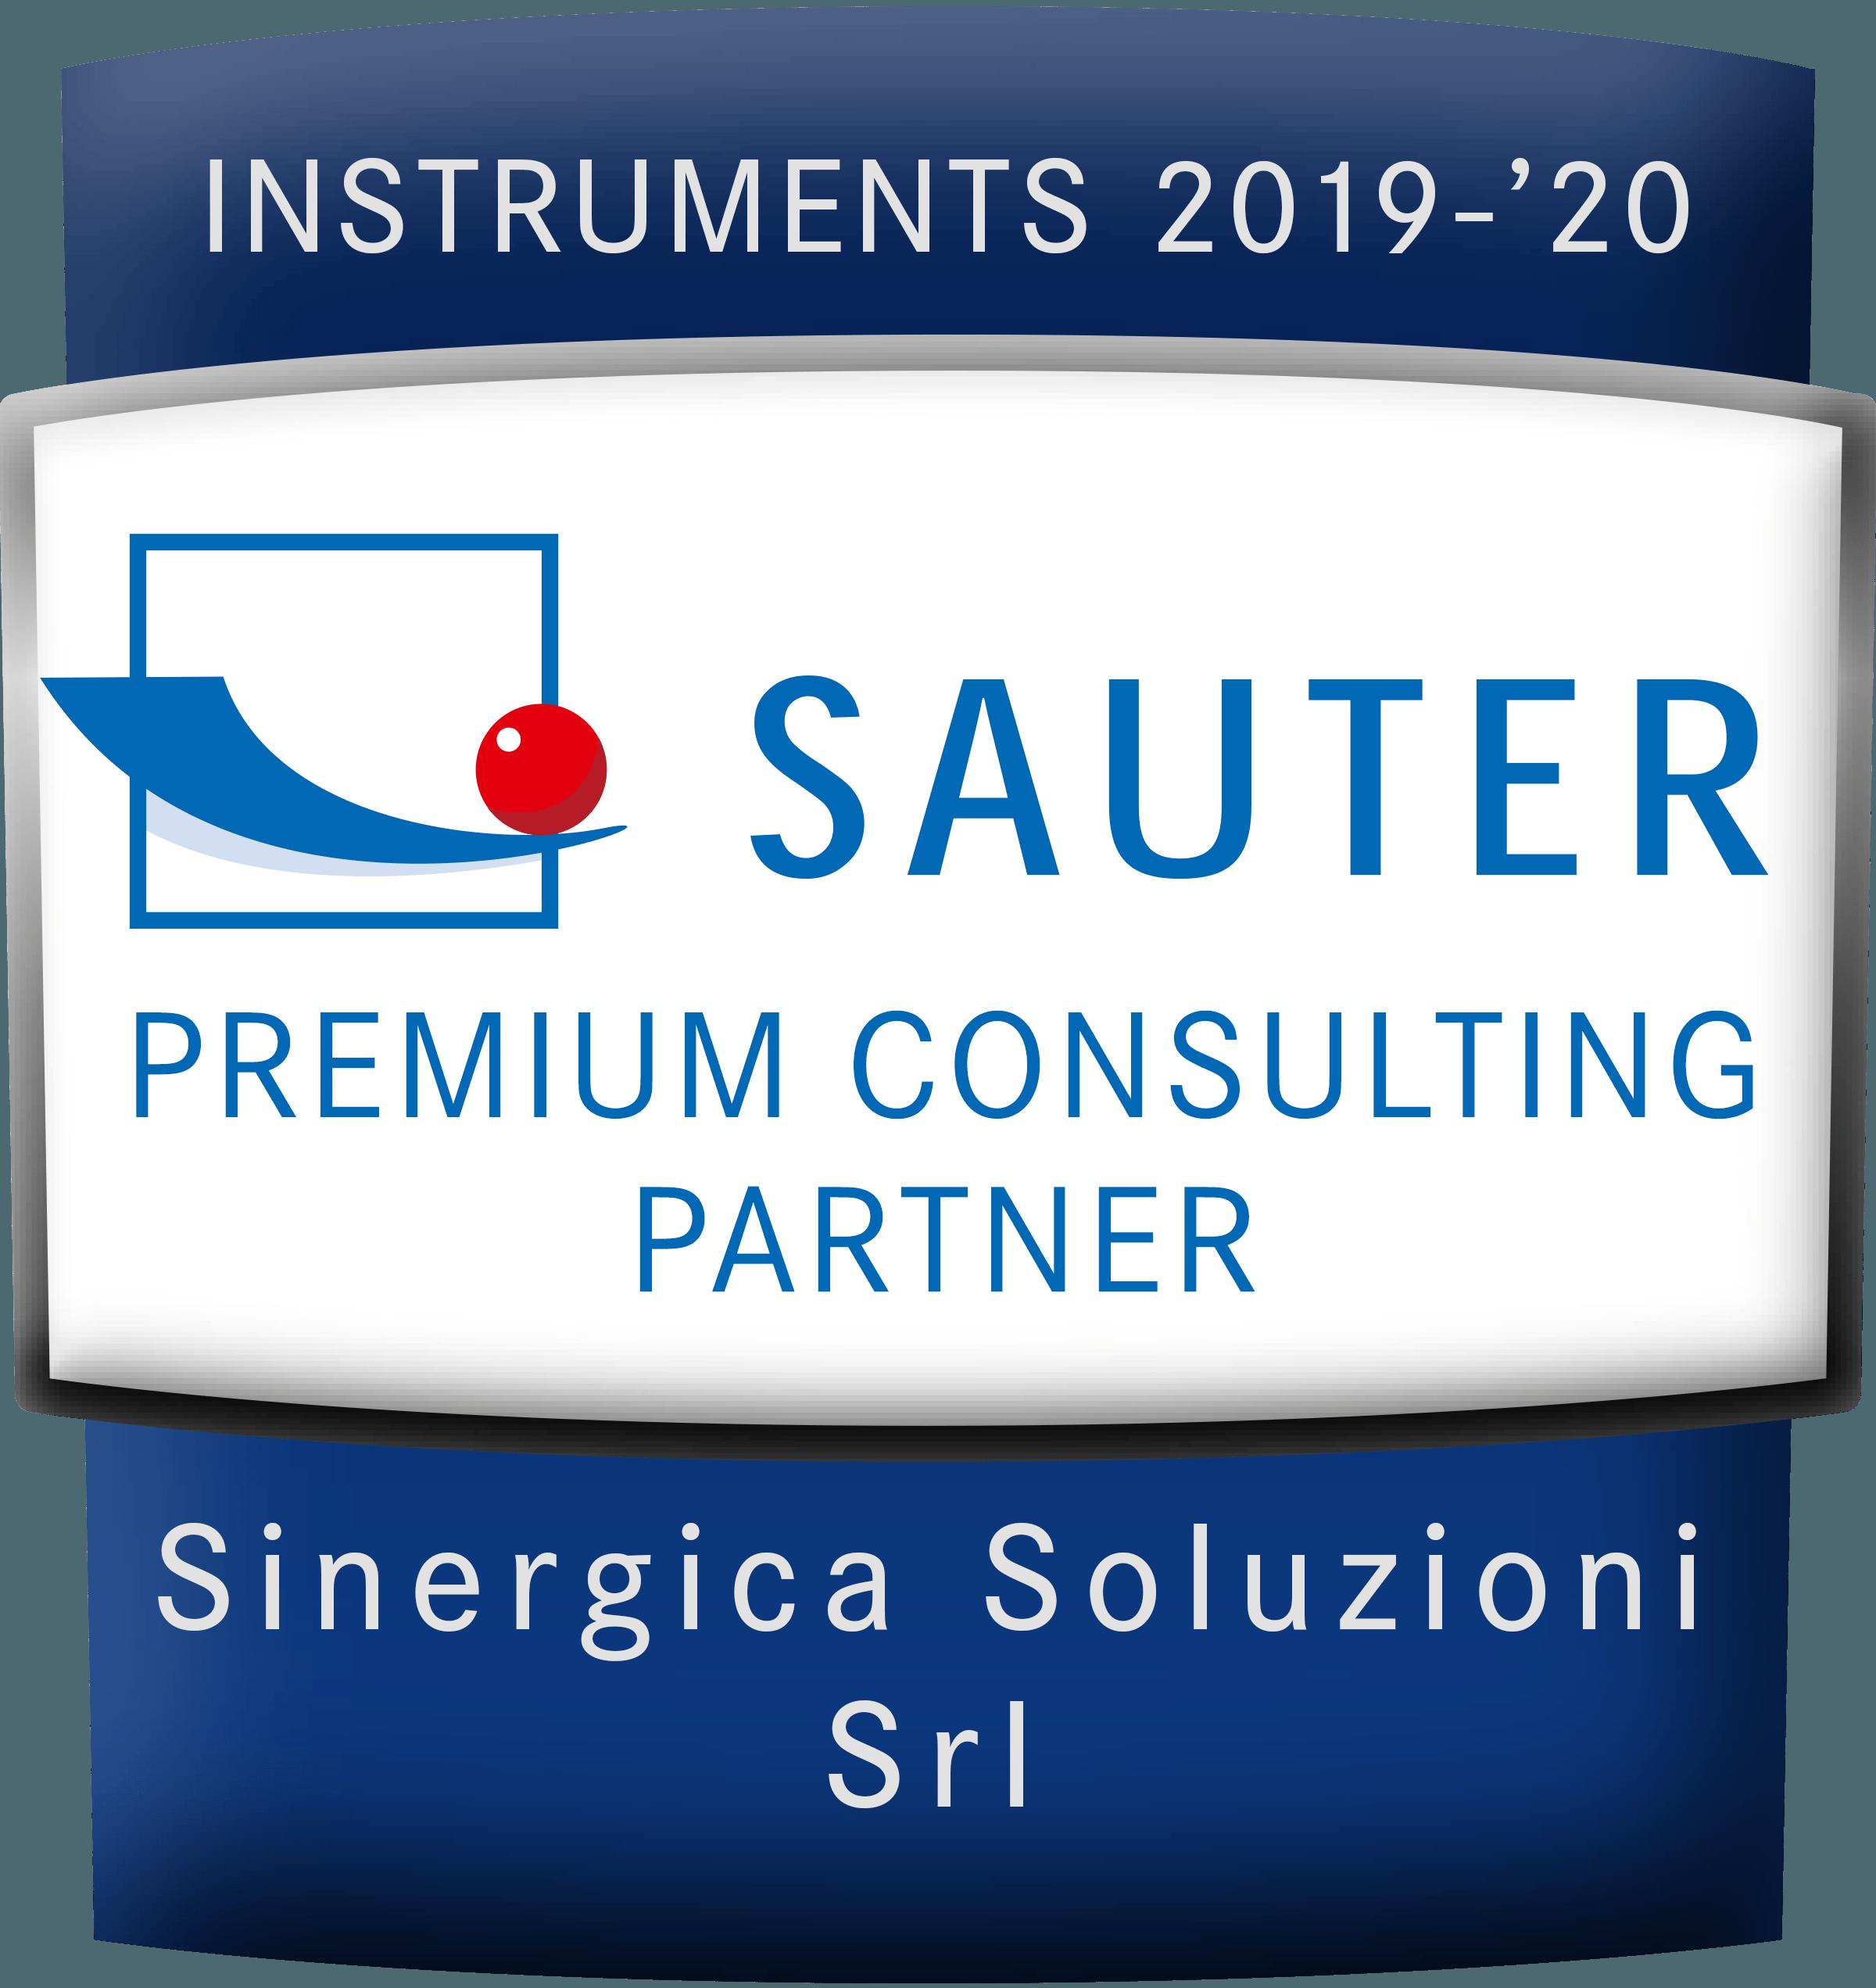 logo rivenditore SAUTER premium partner 2019/2020